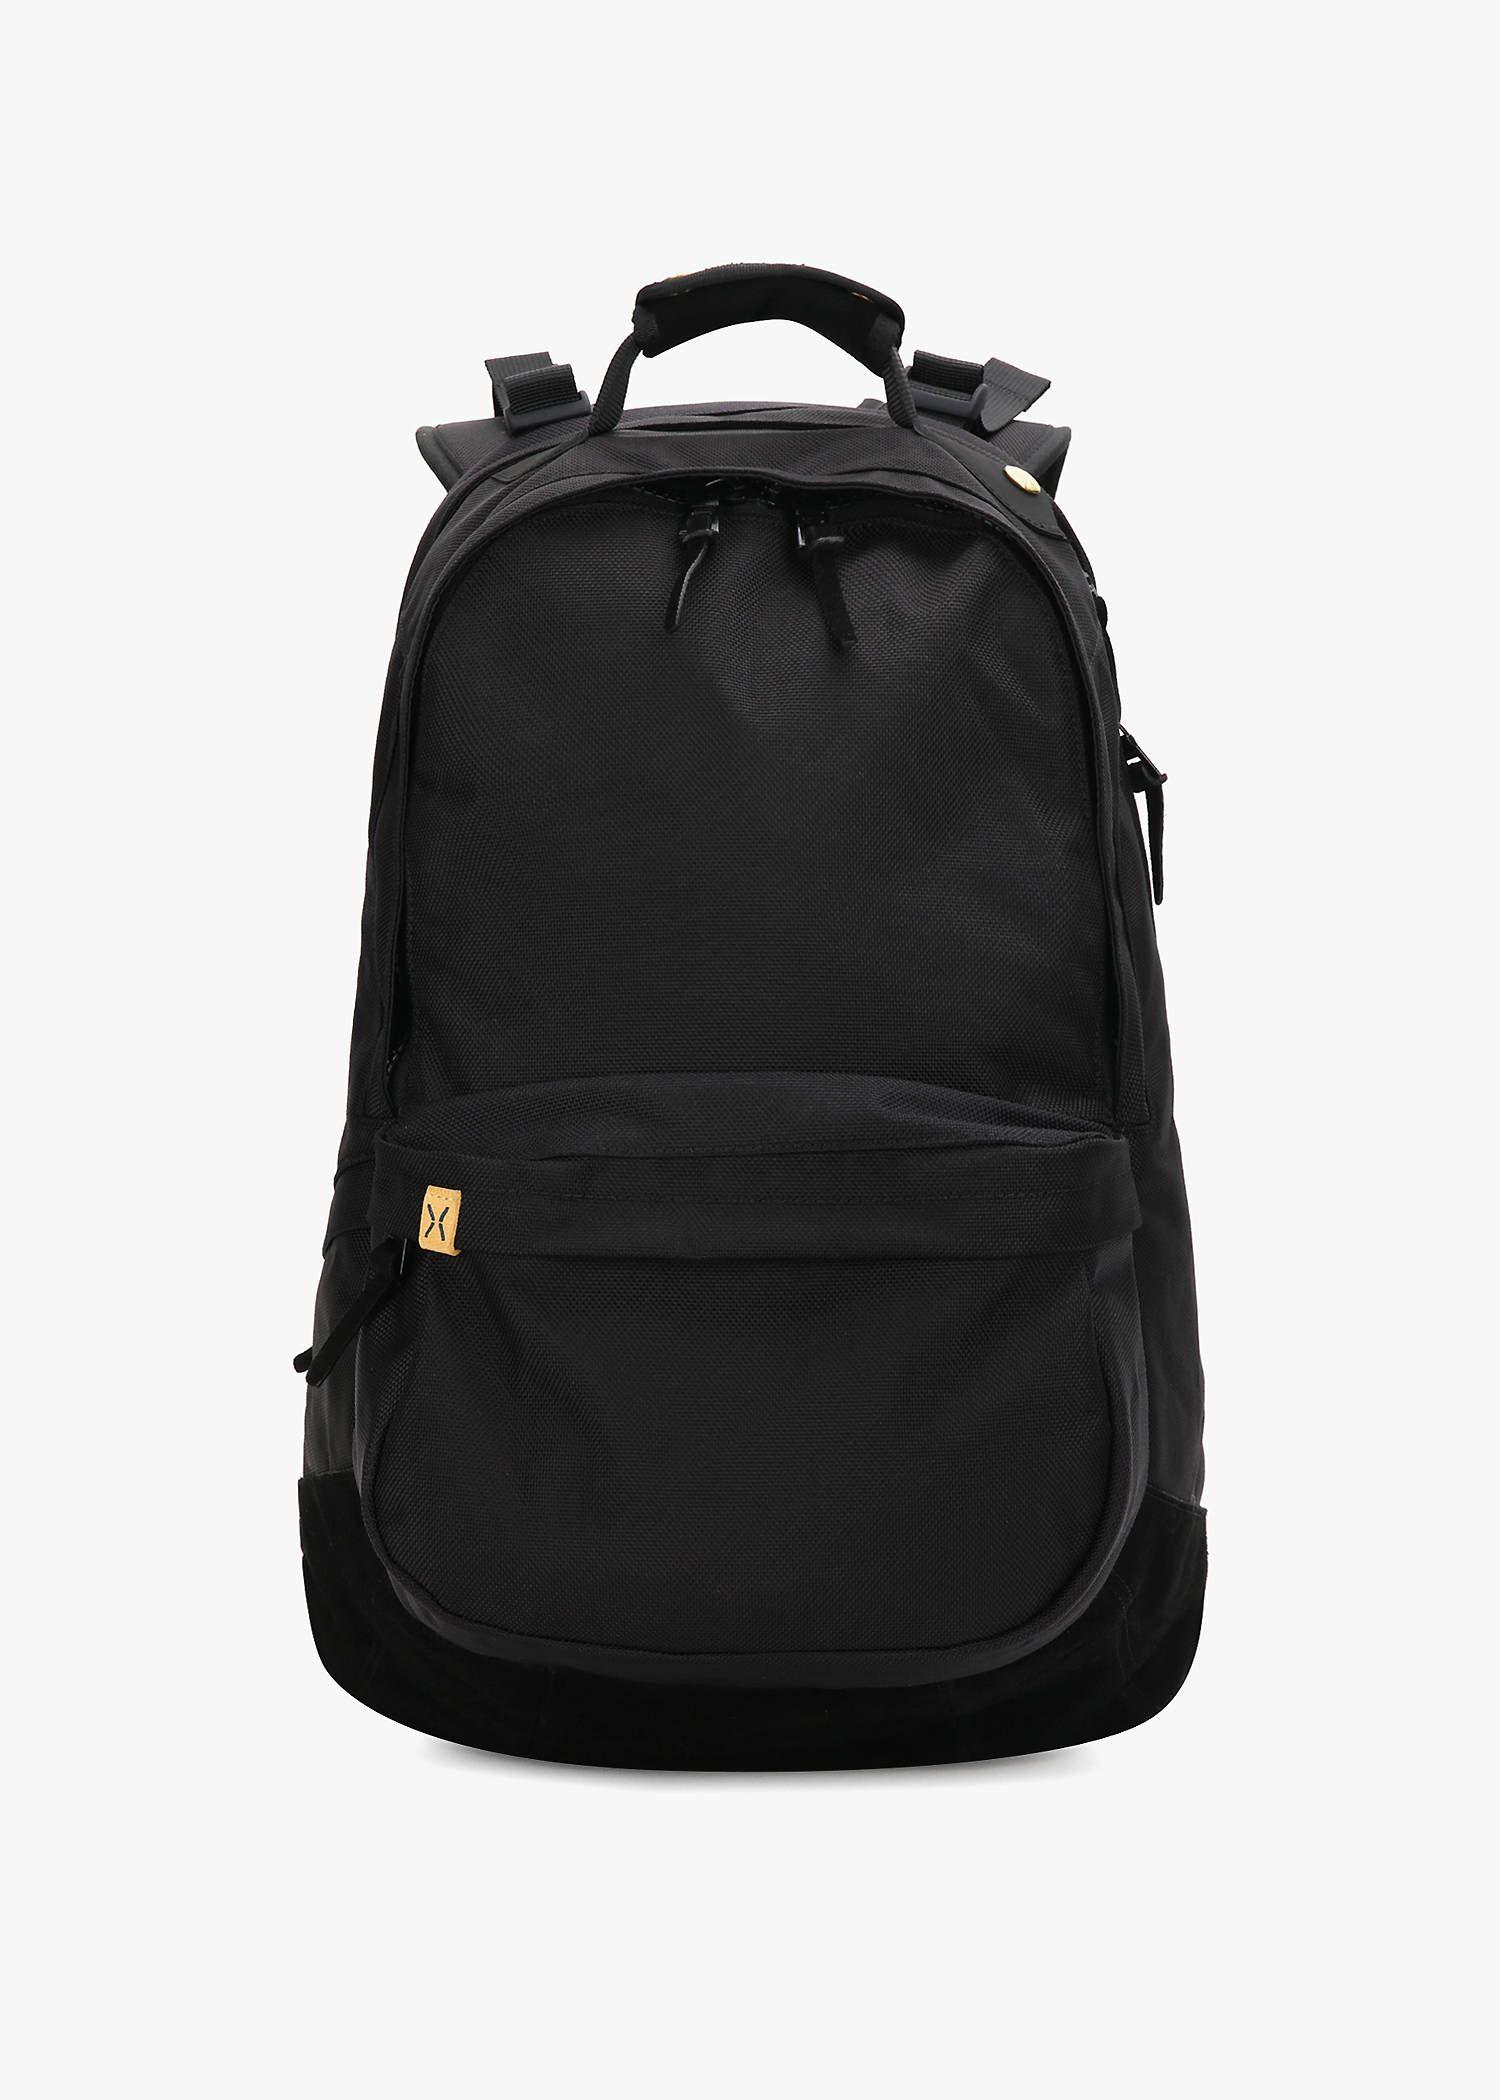 d33d8dd7d VISVIM Ballistic 22L Backpack. #visvim #bags #backpacks # | Visvim ...